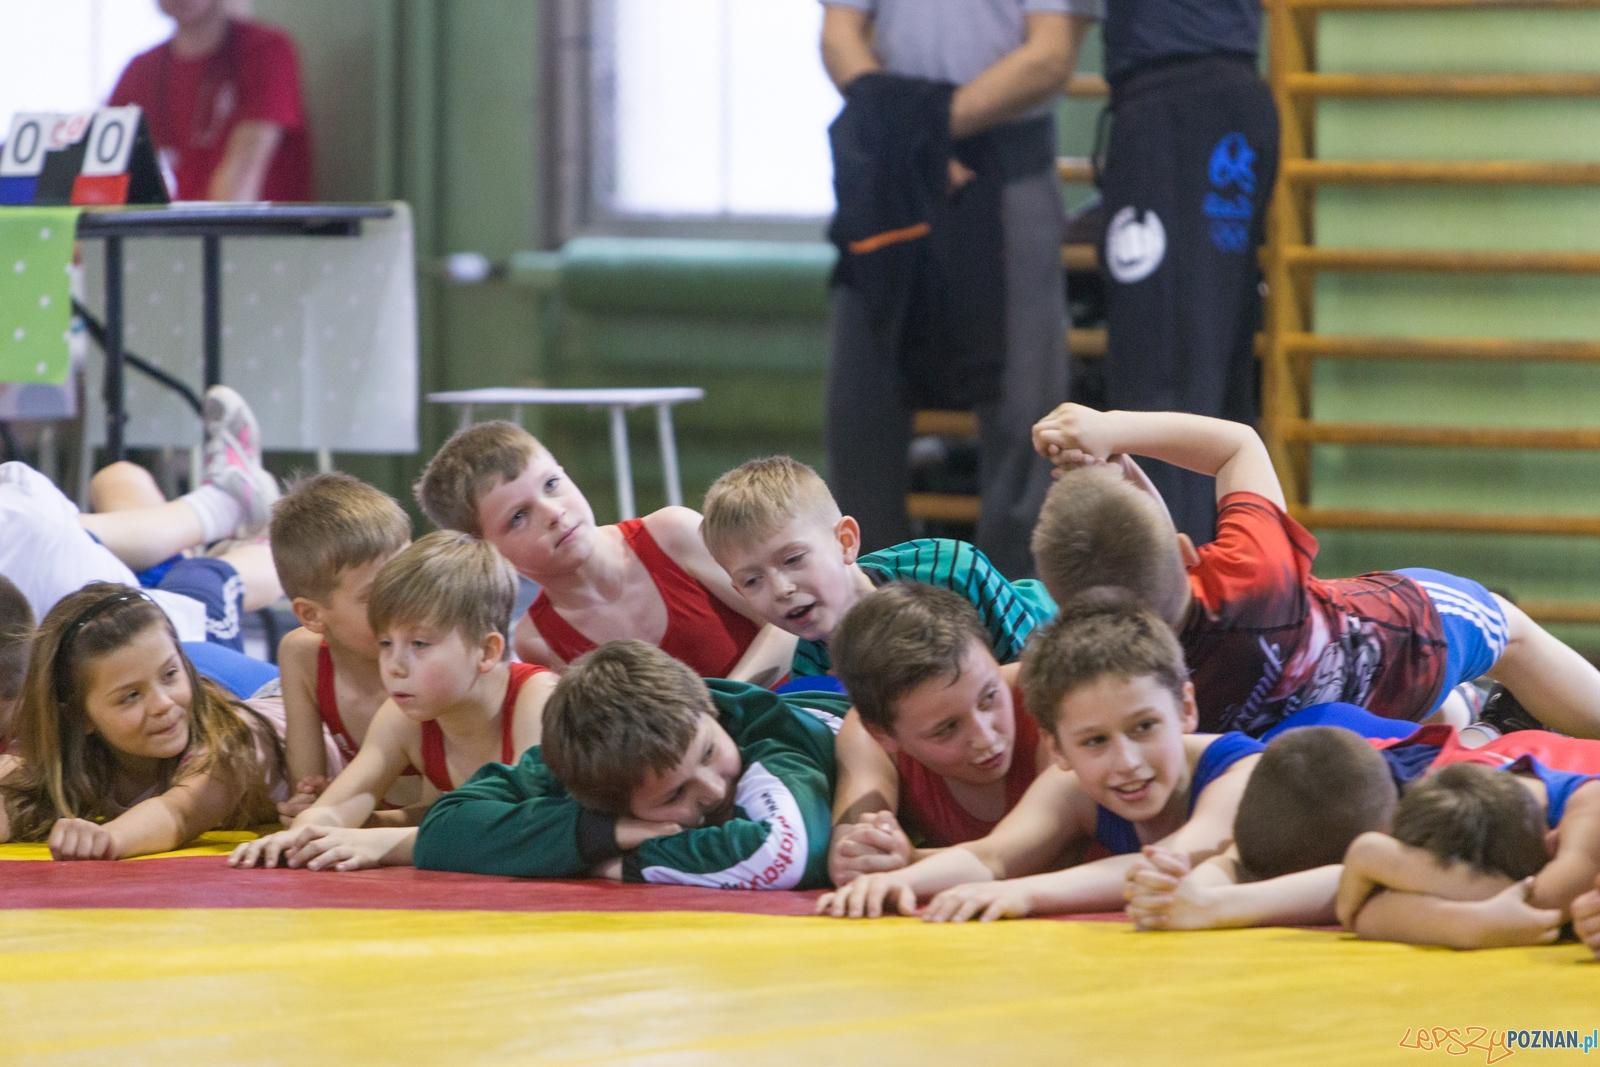 Turniej Wielkanocny - WKS Grunwald  Foto: lepszyPOZNAN.pl / Piotr Rychter